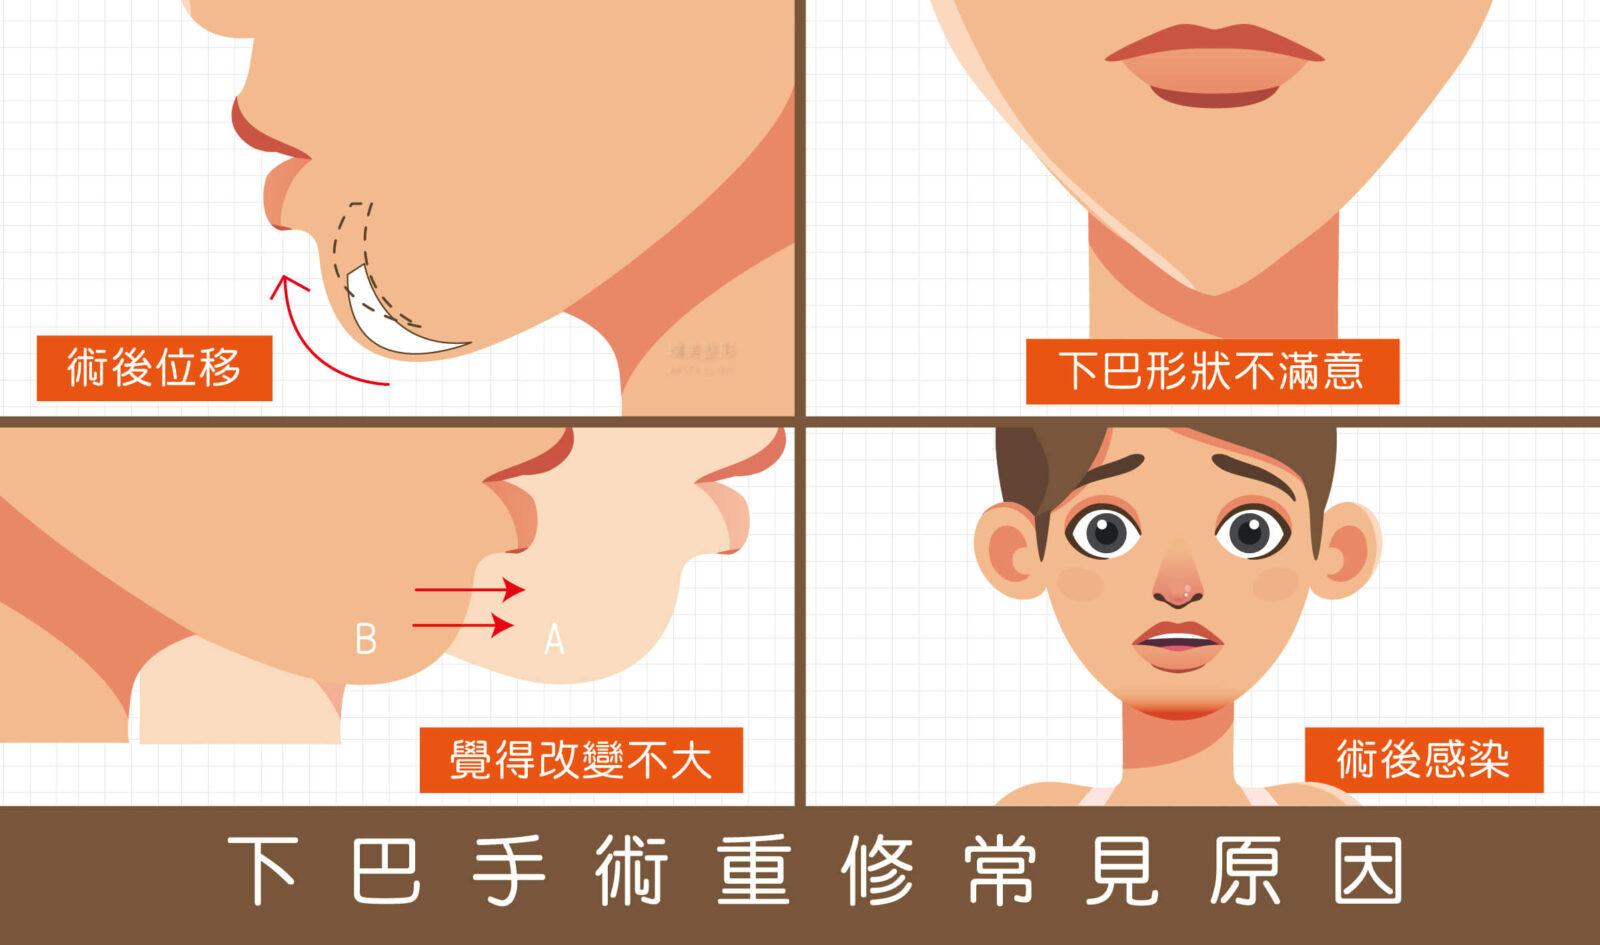 04 下巴手術重修常見原因